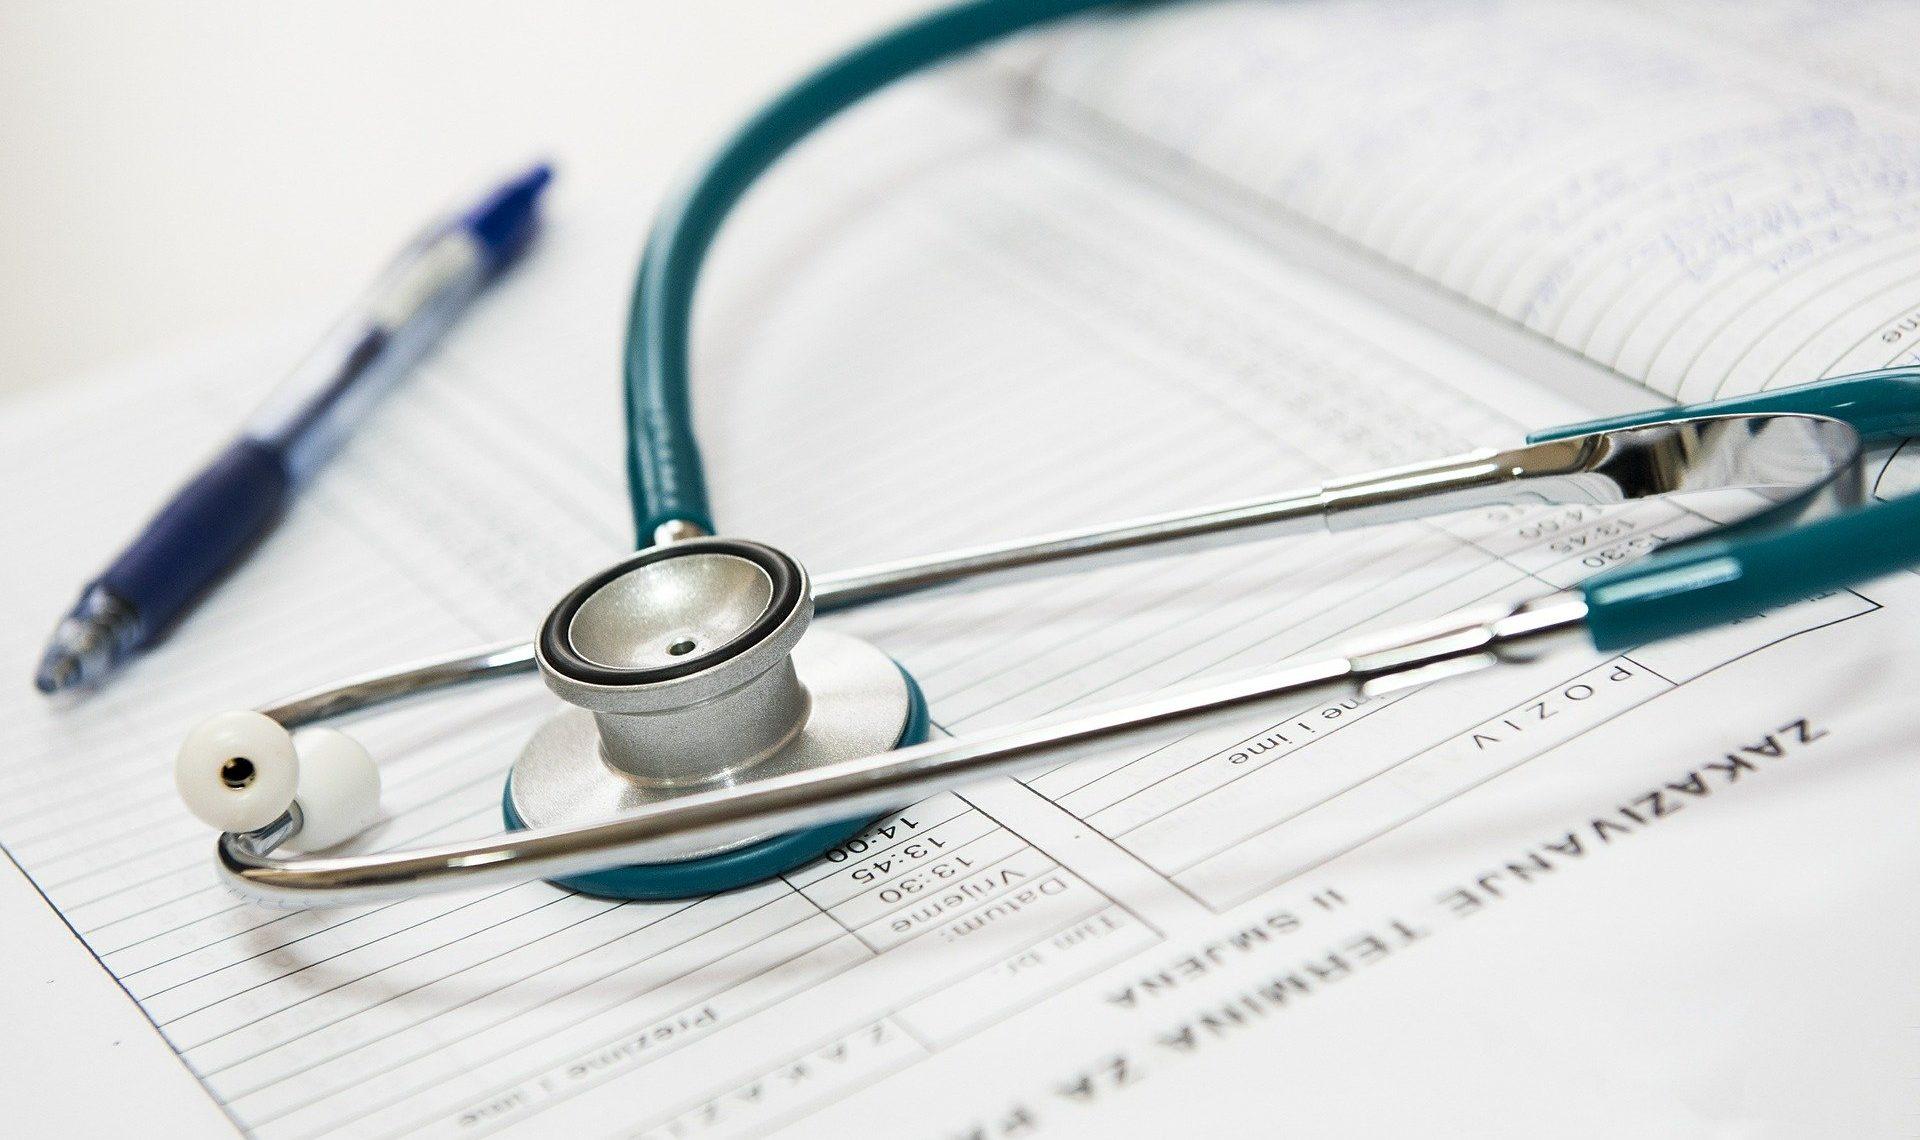 Réduction des phytos : contrôler les pulvérisateurs plus souvent